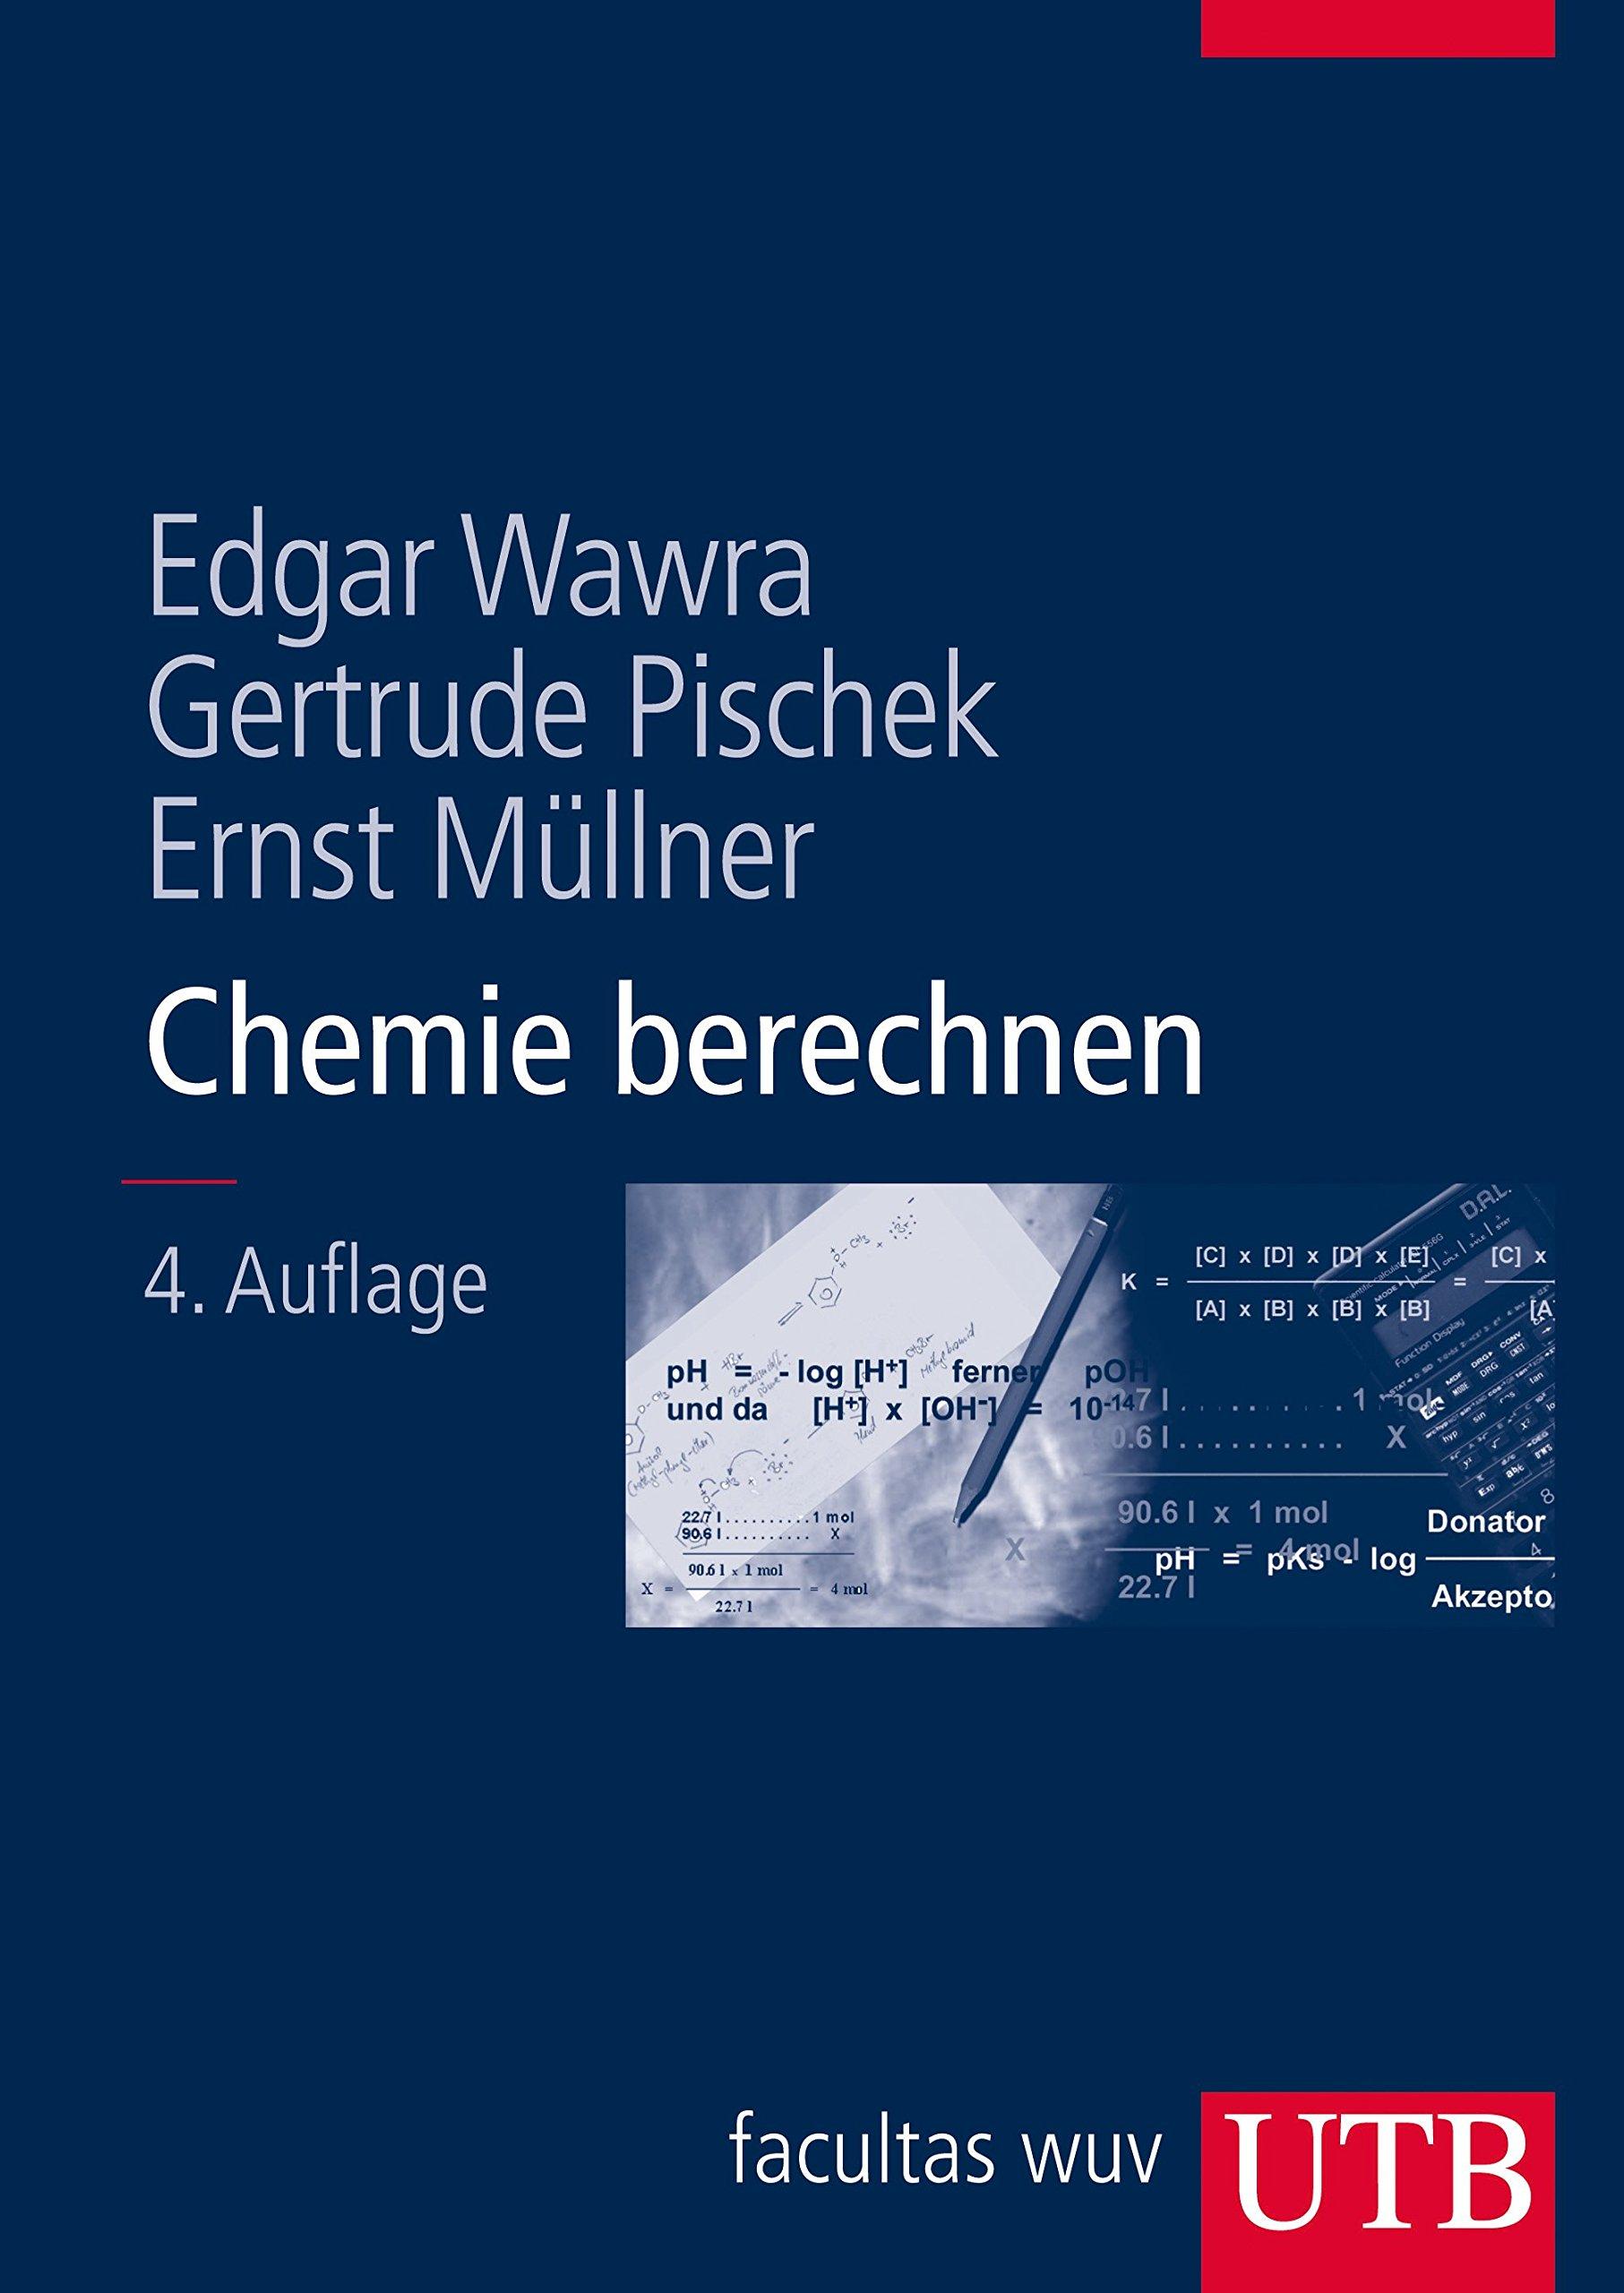 Amazon.de: Edgar Wawra: Bücher, Hörbücher, Bibliografie